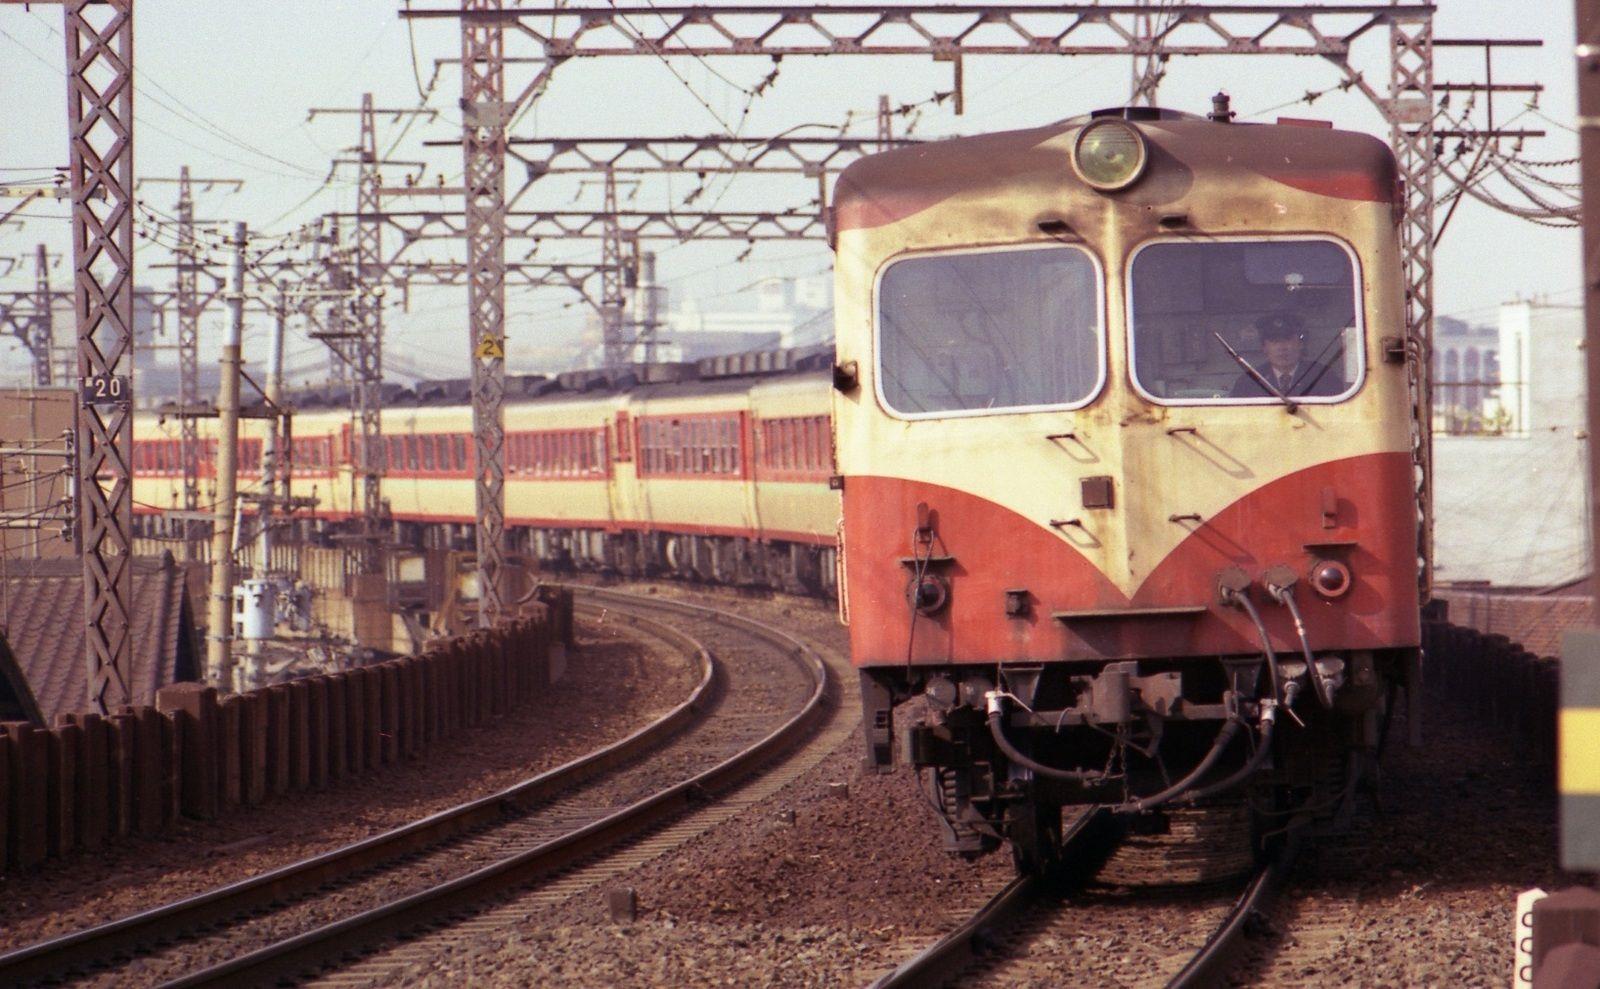 大阪環状線まで来たついでに1976年 昭和51年 1978年 昭和53年 の阪 古い列車 鉄道 写真 列車